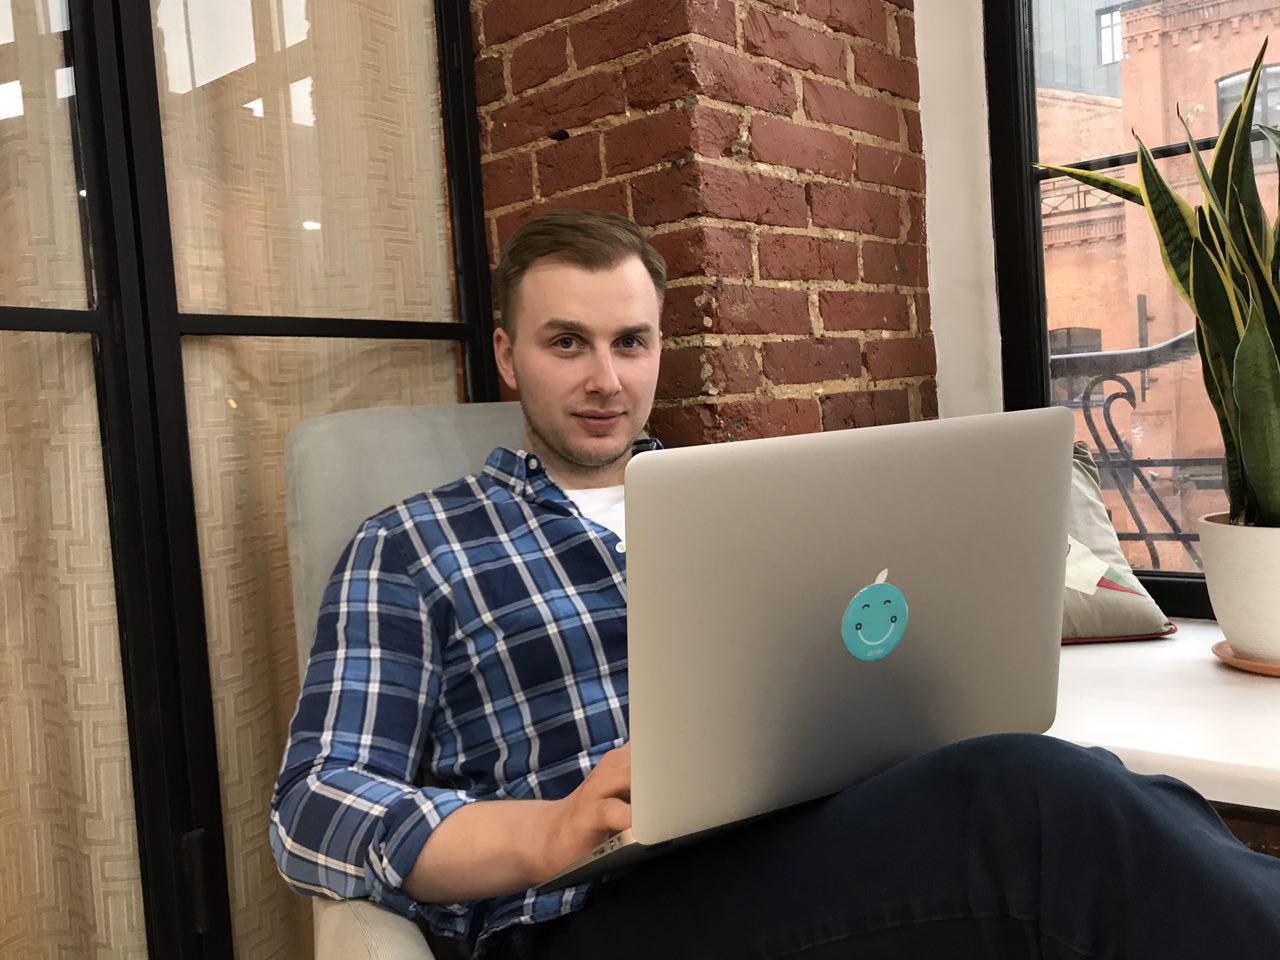 Как работают ИТ-специалисты. Савва Михалевский, front-end архитектор Grabr - 1